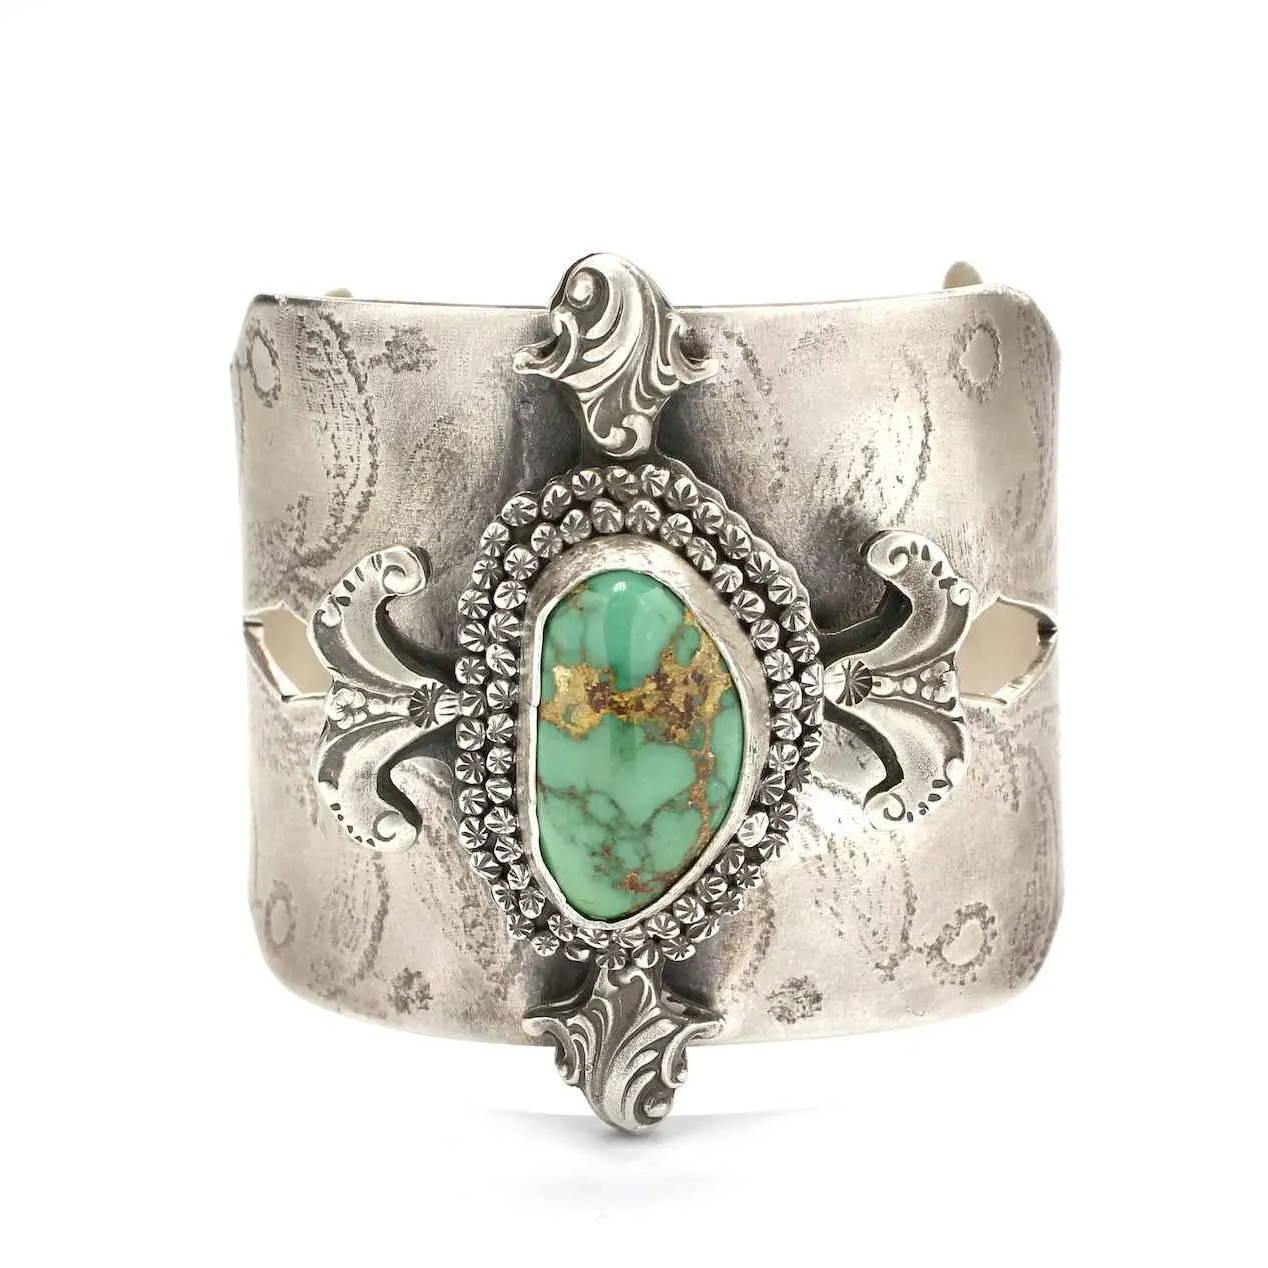 Lawrence Baca bracelets online jewelry sale. santa fe. sorrel sky gallery